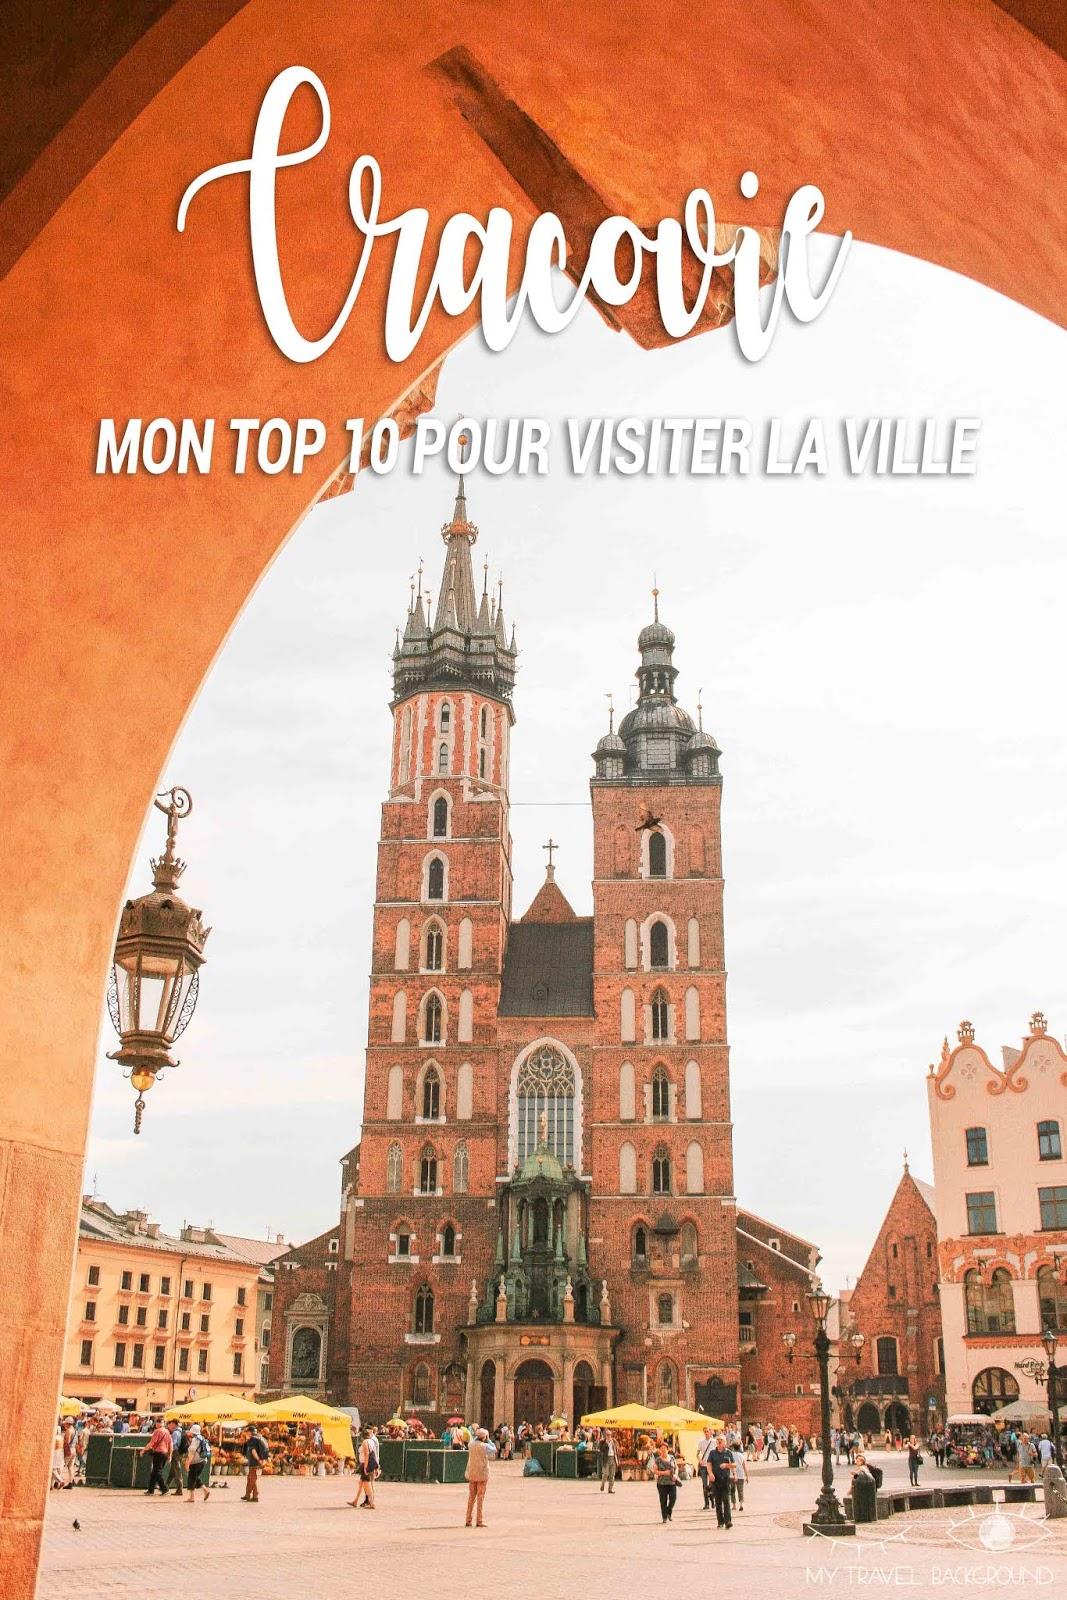 My Travel Background : Cracovie en Pologne, mon top 10 pour visiter la ville - Basilique Sainte-Marie